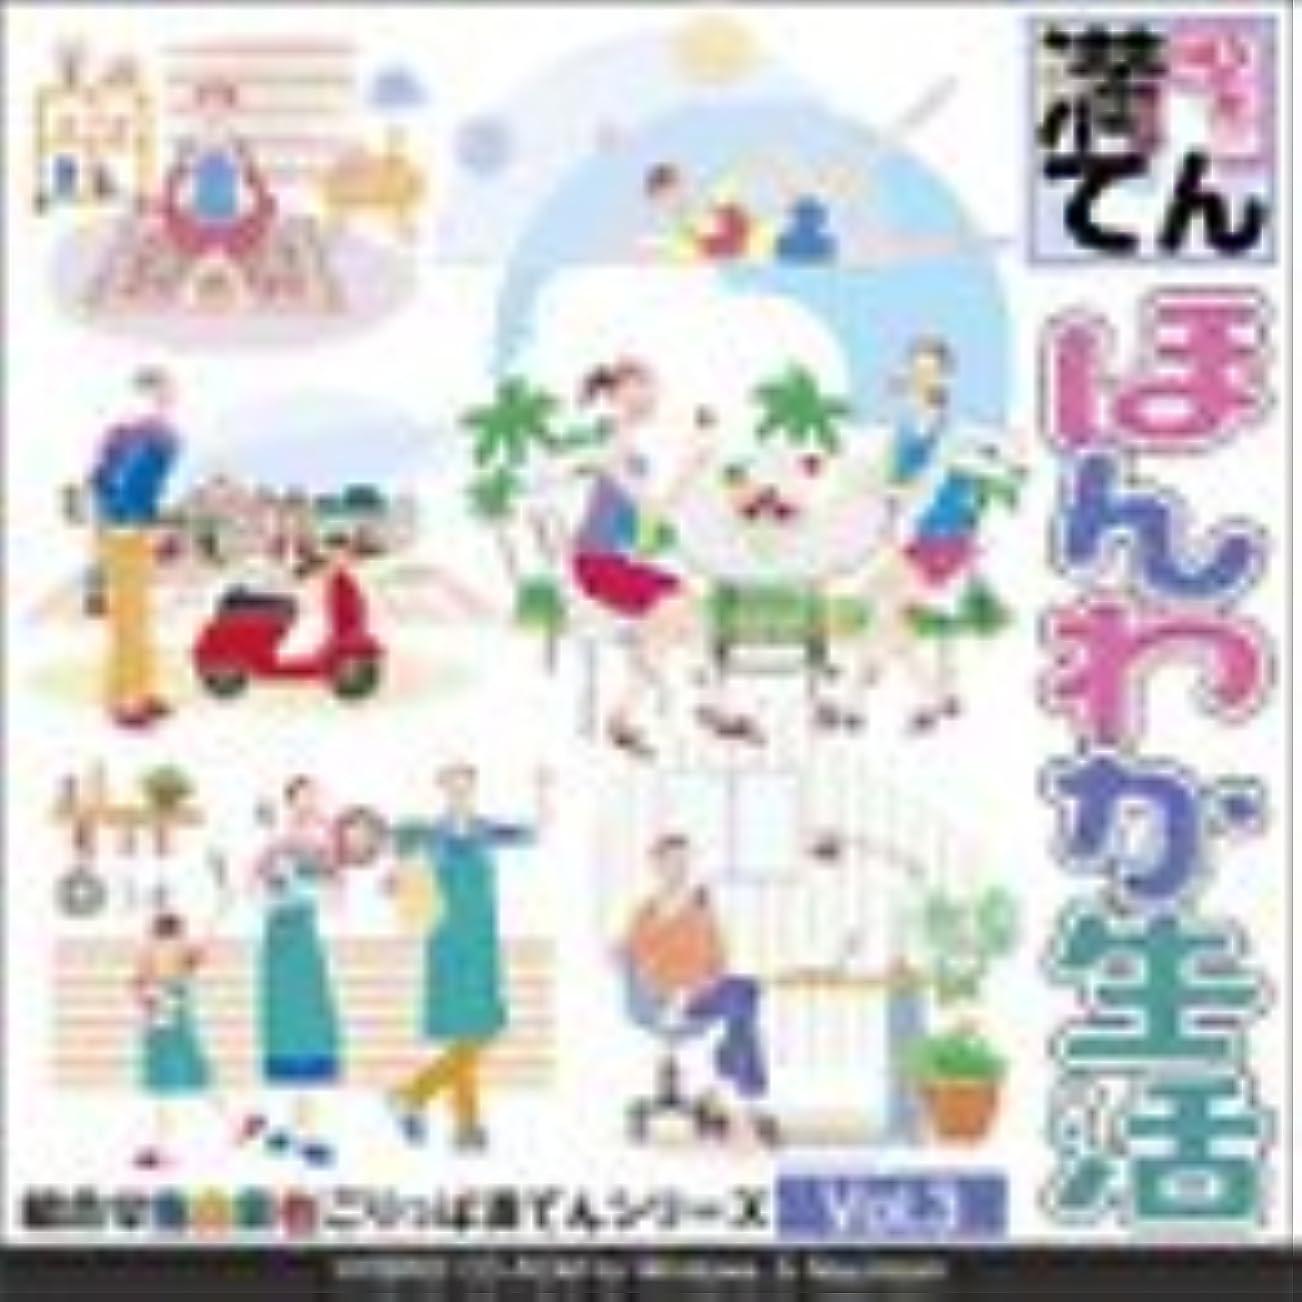 フローティング童謡忠実ごりっぱ満てんシリーズ Vol.3 ほんわか生活